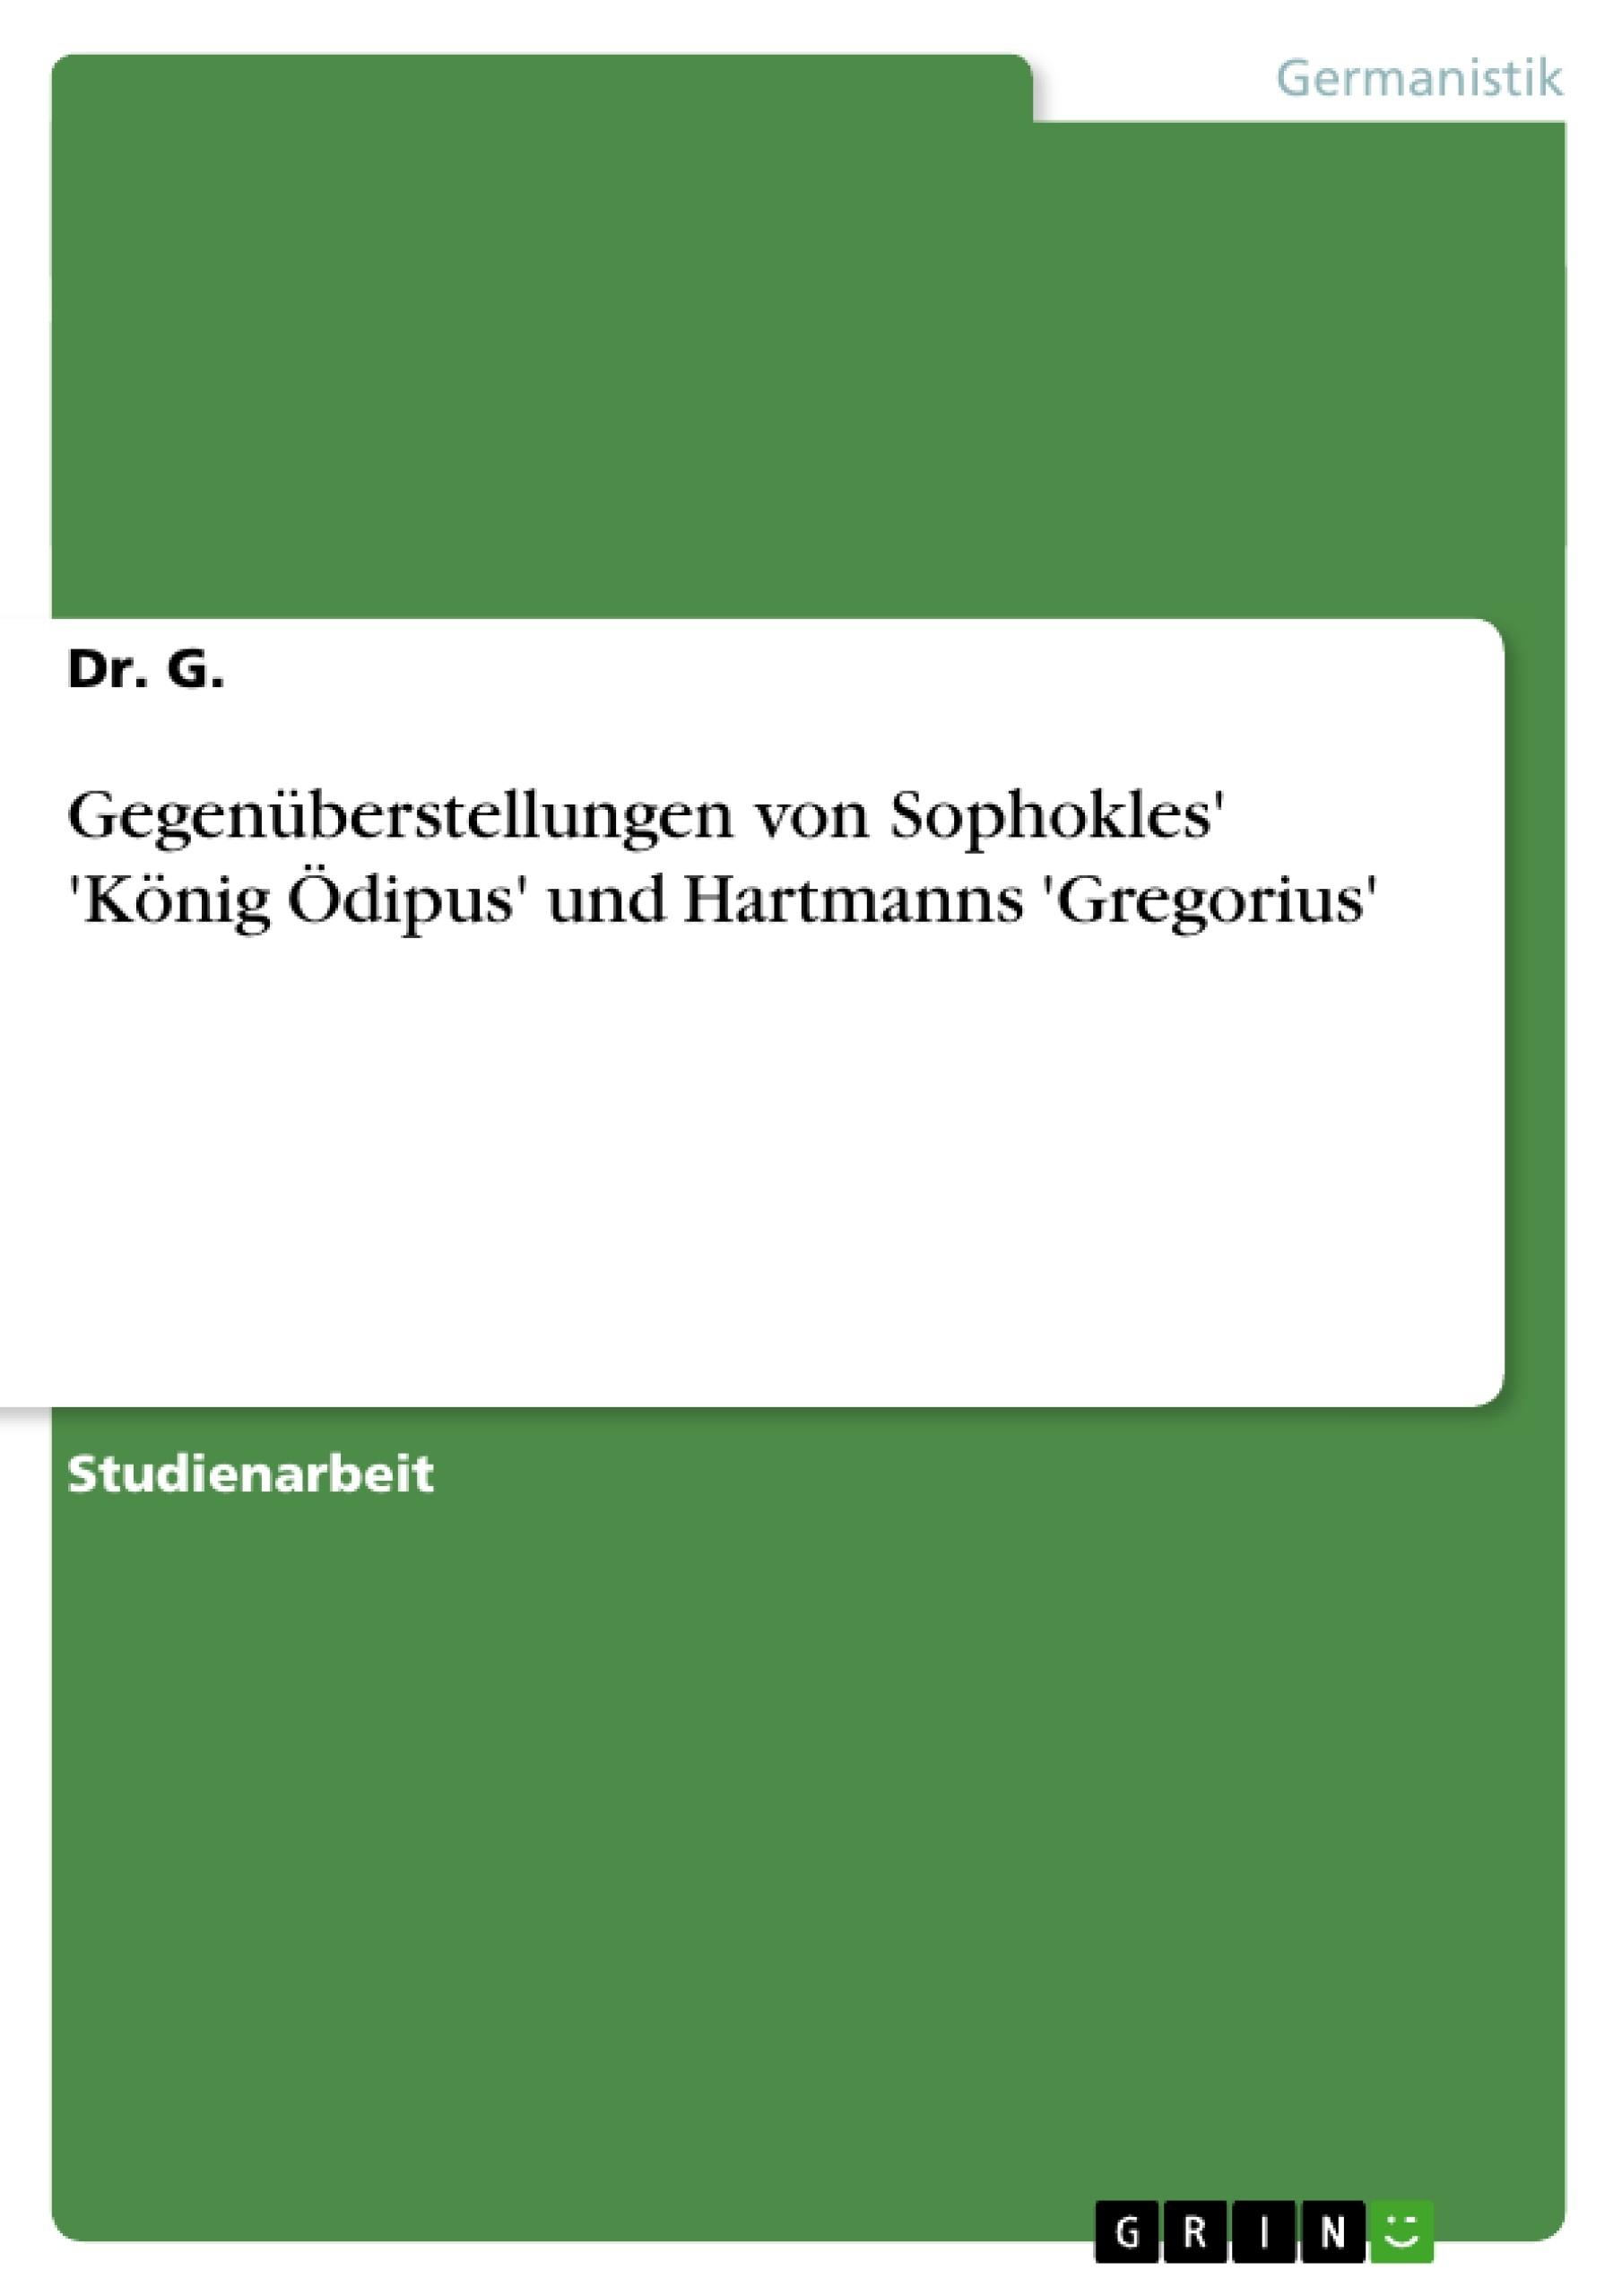 Titel: Gegenüberstellungen von Sophokles'  'König Ödipus' und Hartmanns 'Gregorius'